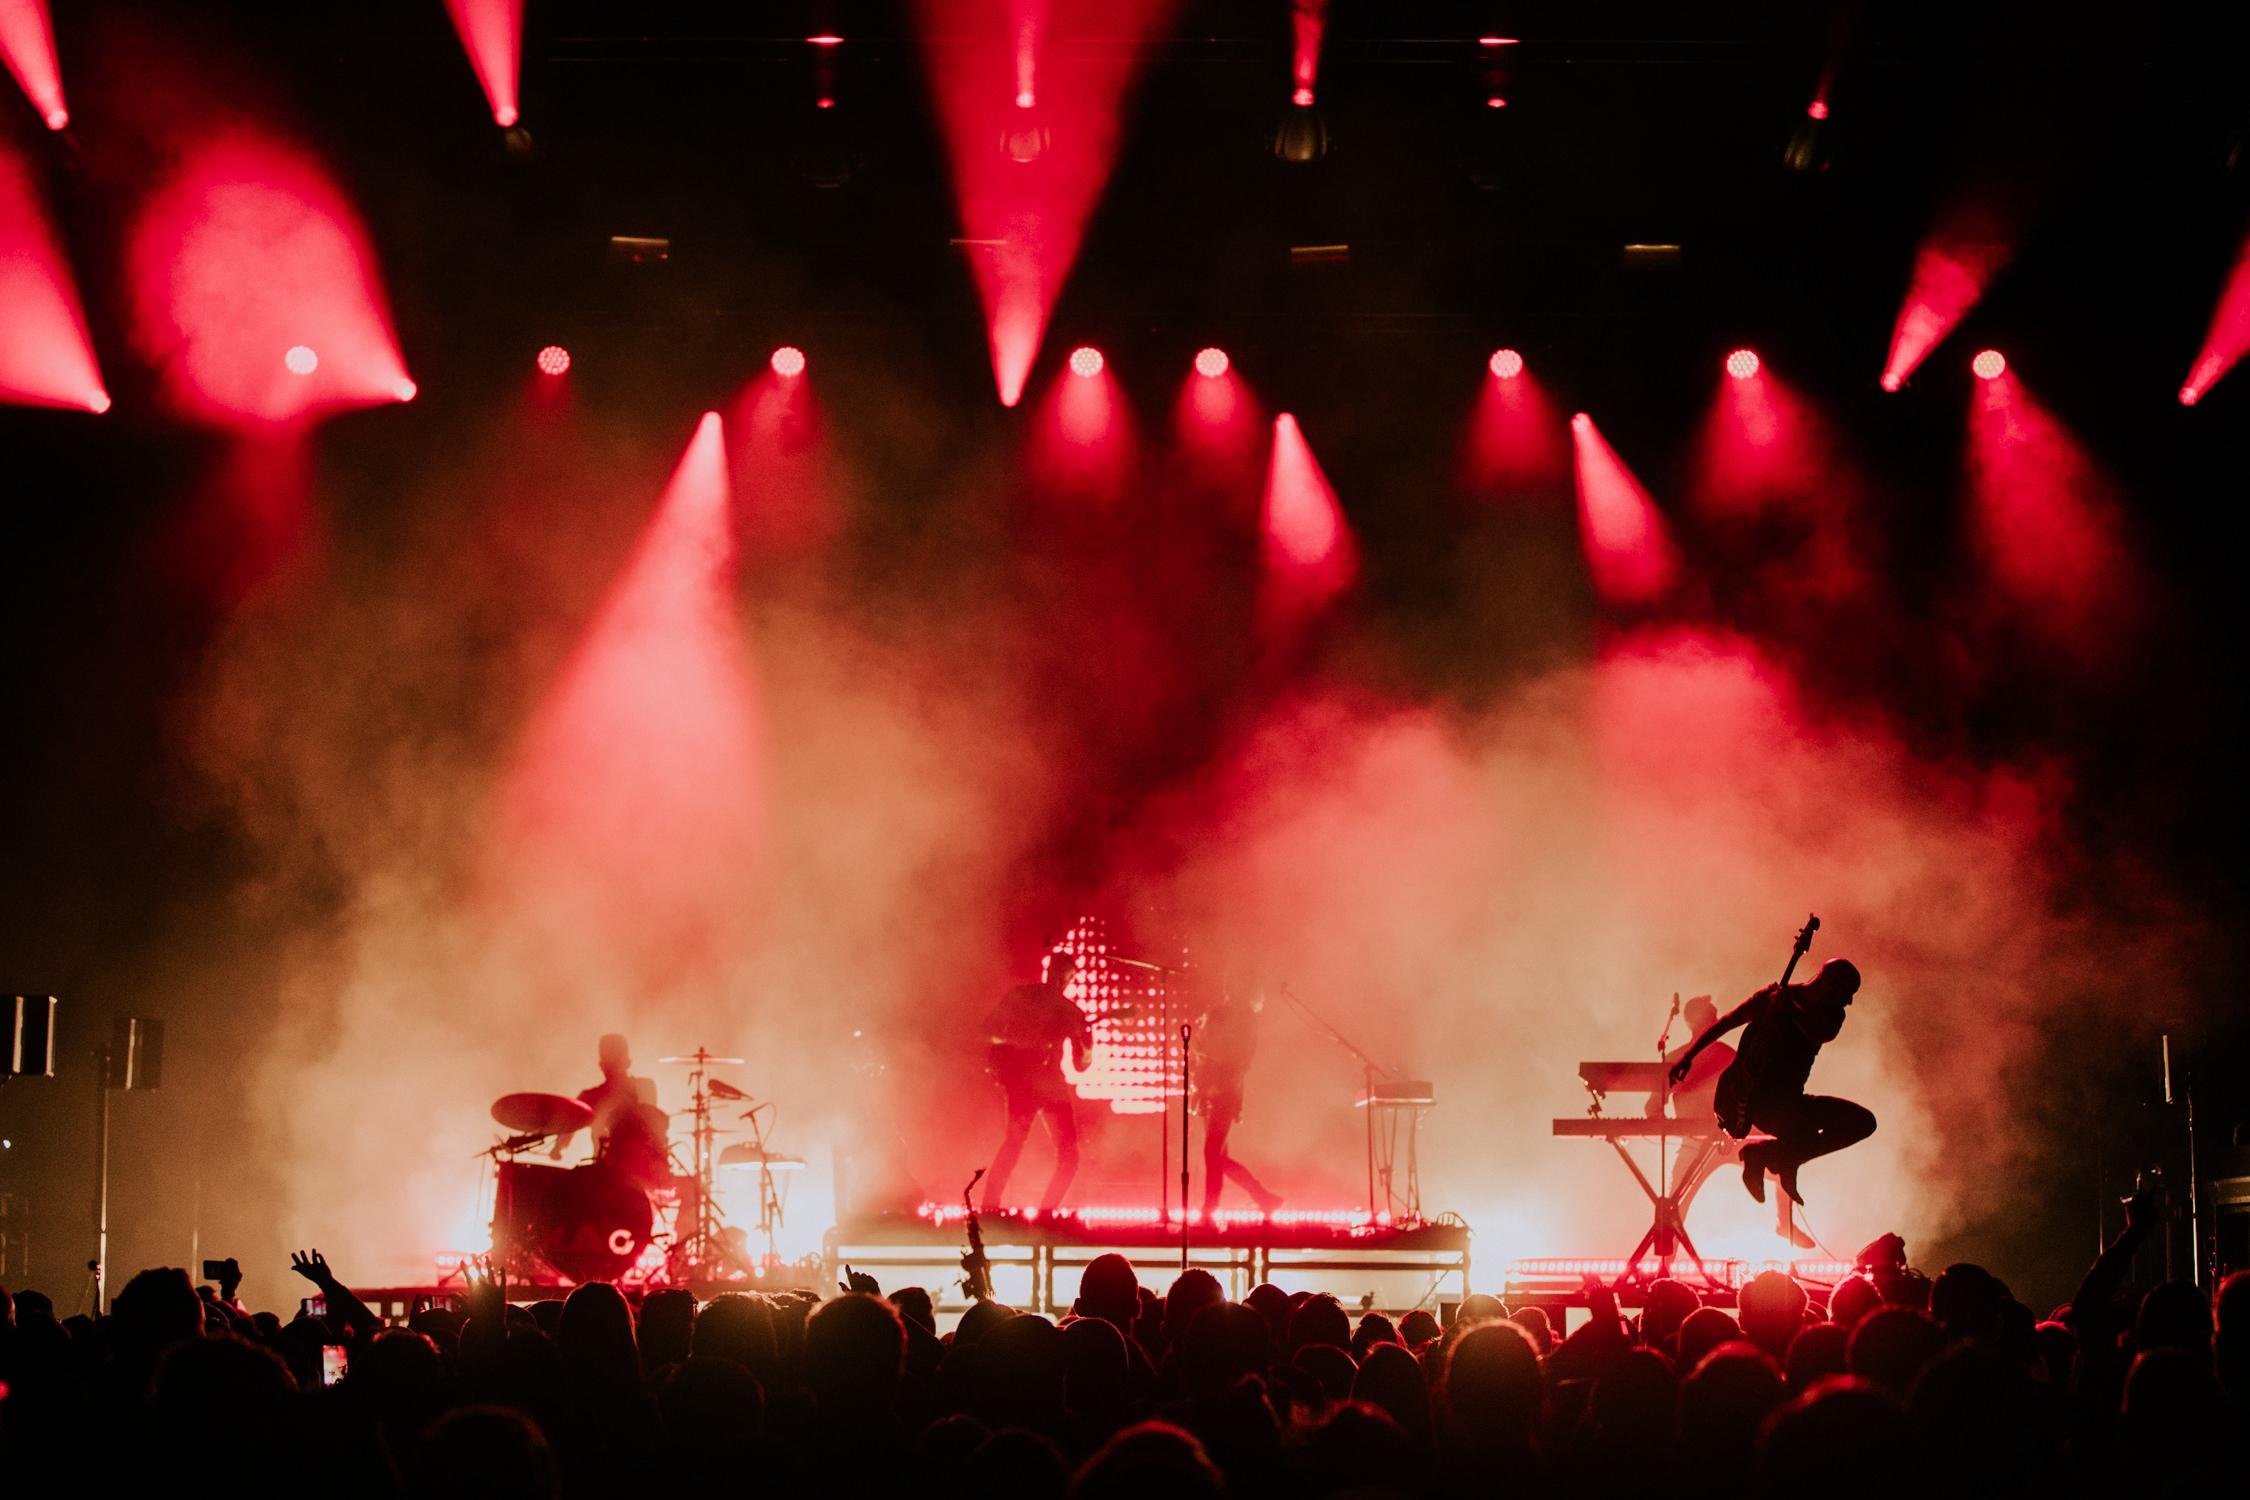 live-concert-silhouette-jump-x-ambassadors-AnnaLeeMedia